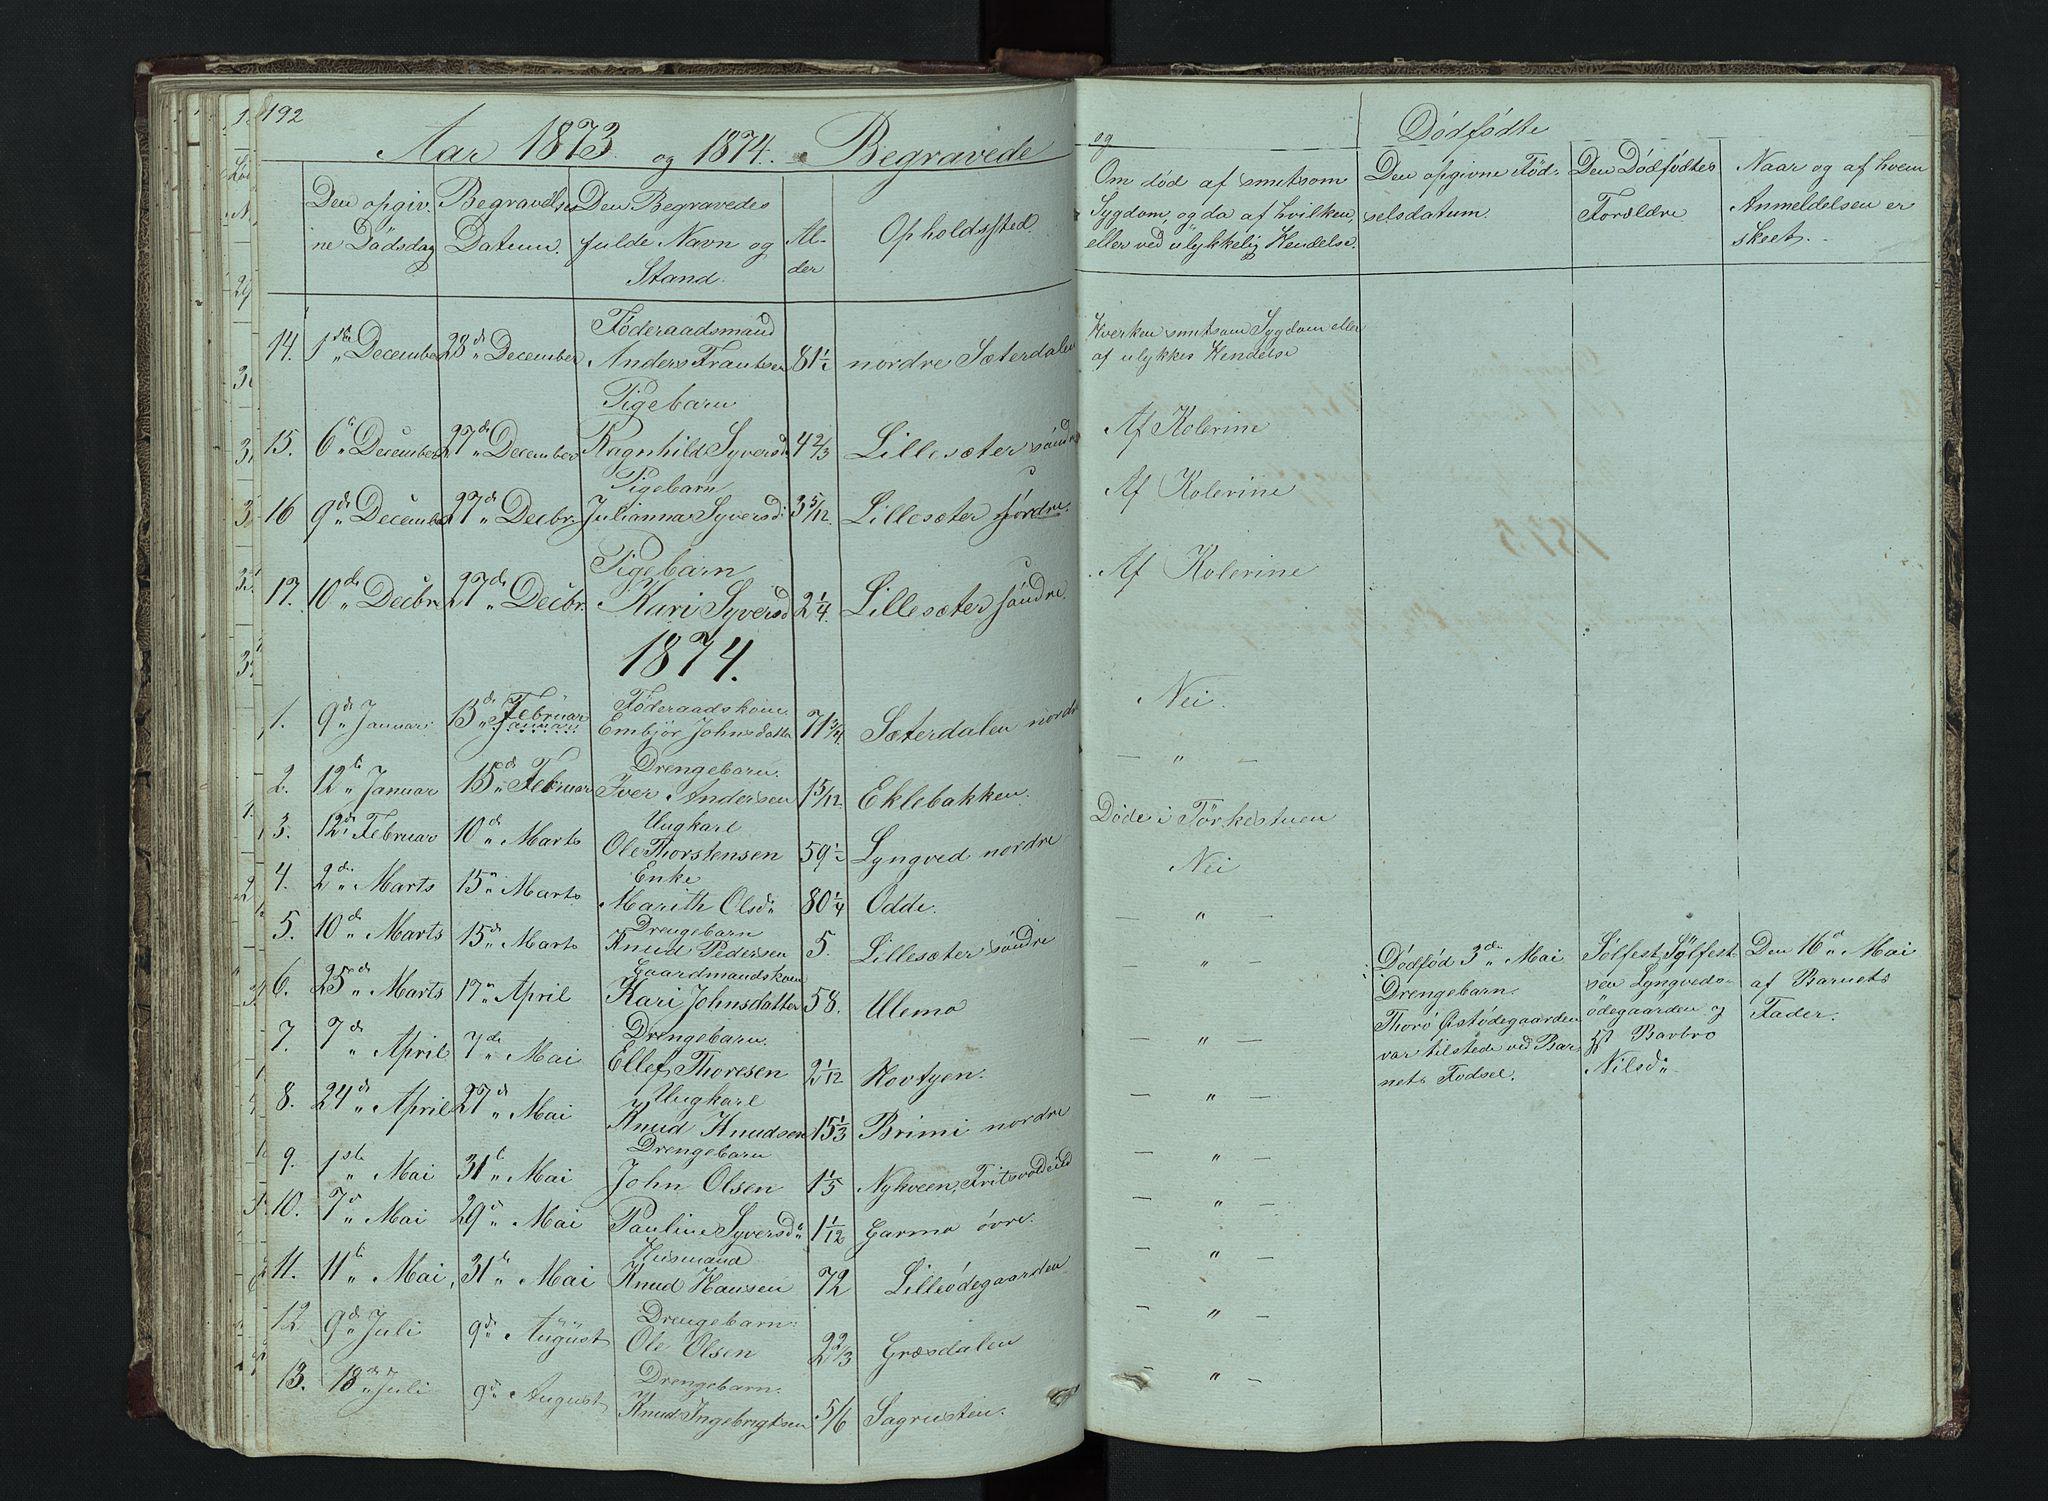 SAH, Lom prestekontor, L/L0014: Klokkerbok nr. 14, 1845-1876, s. 192-193